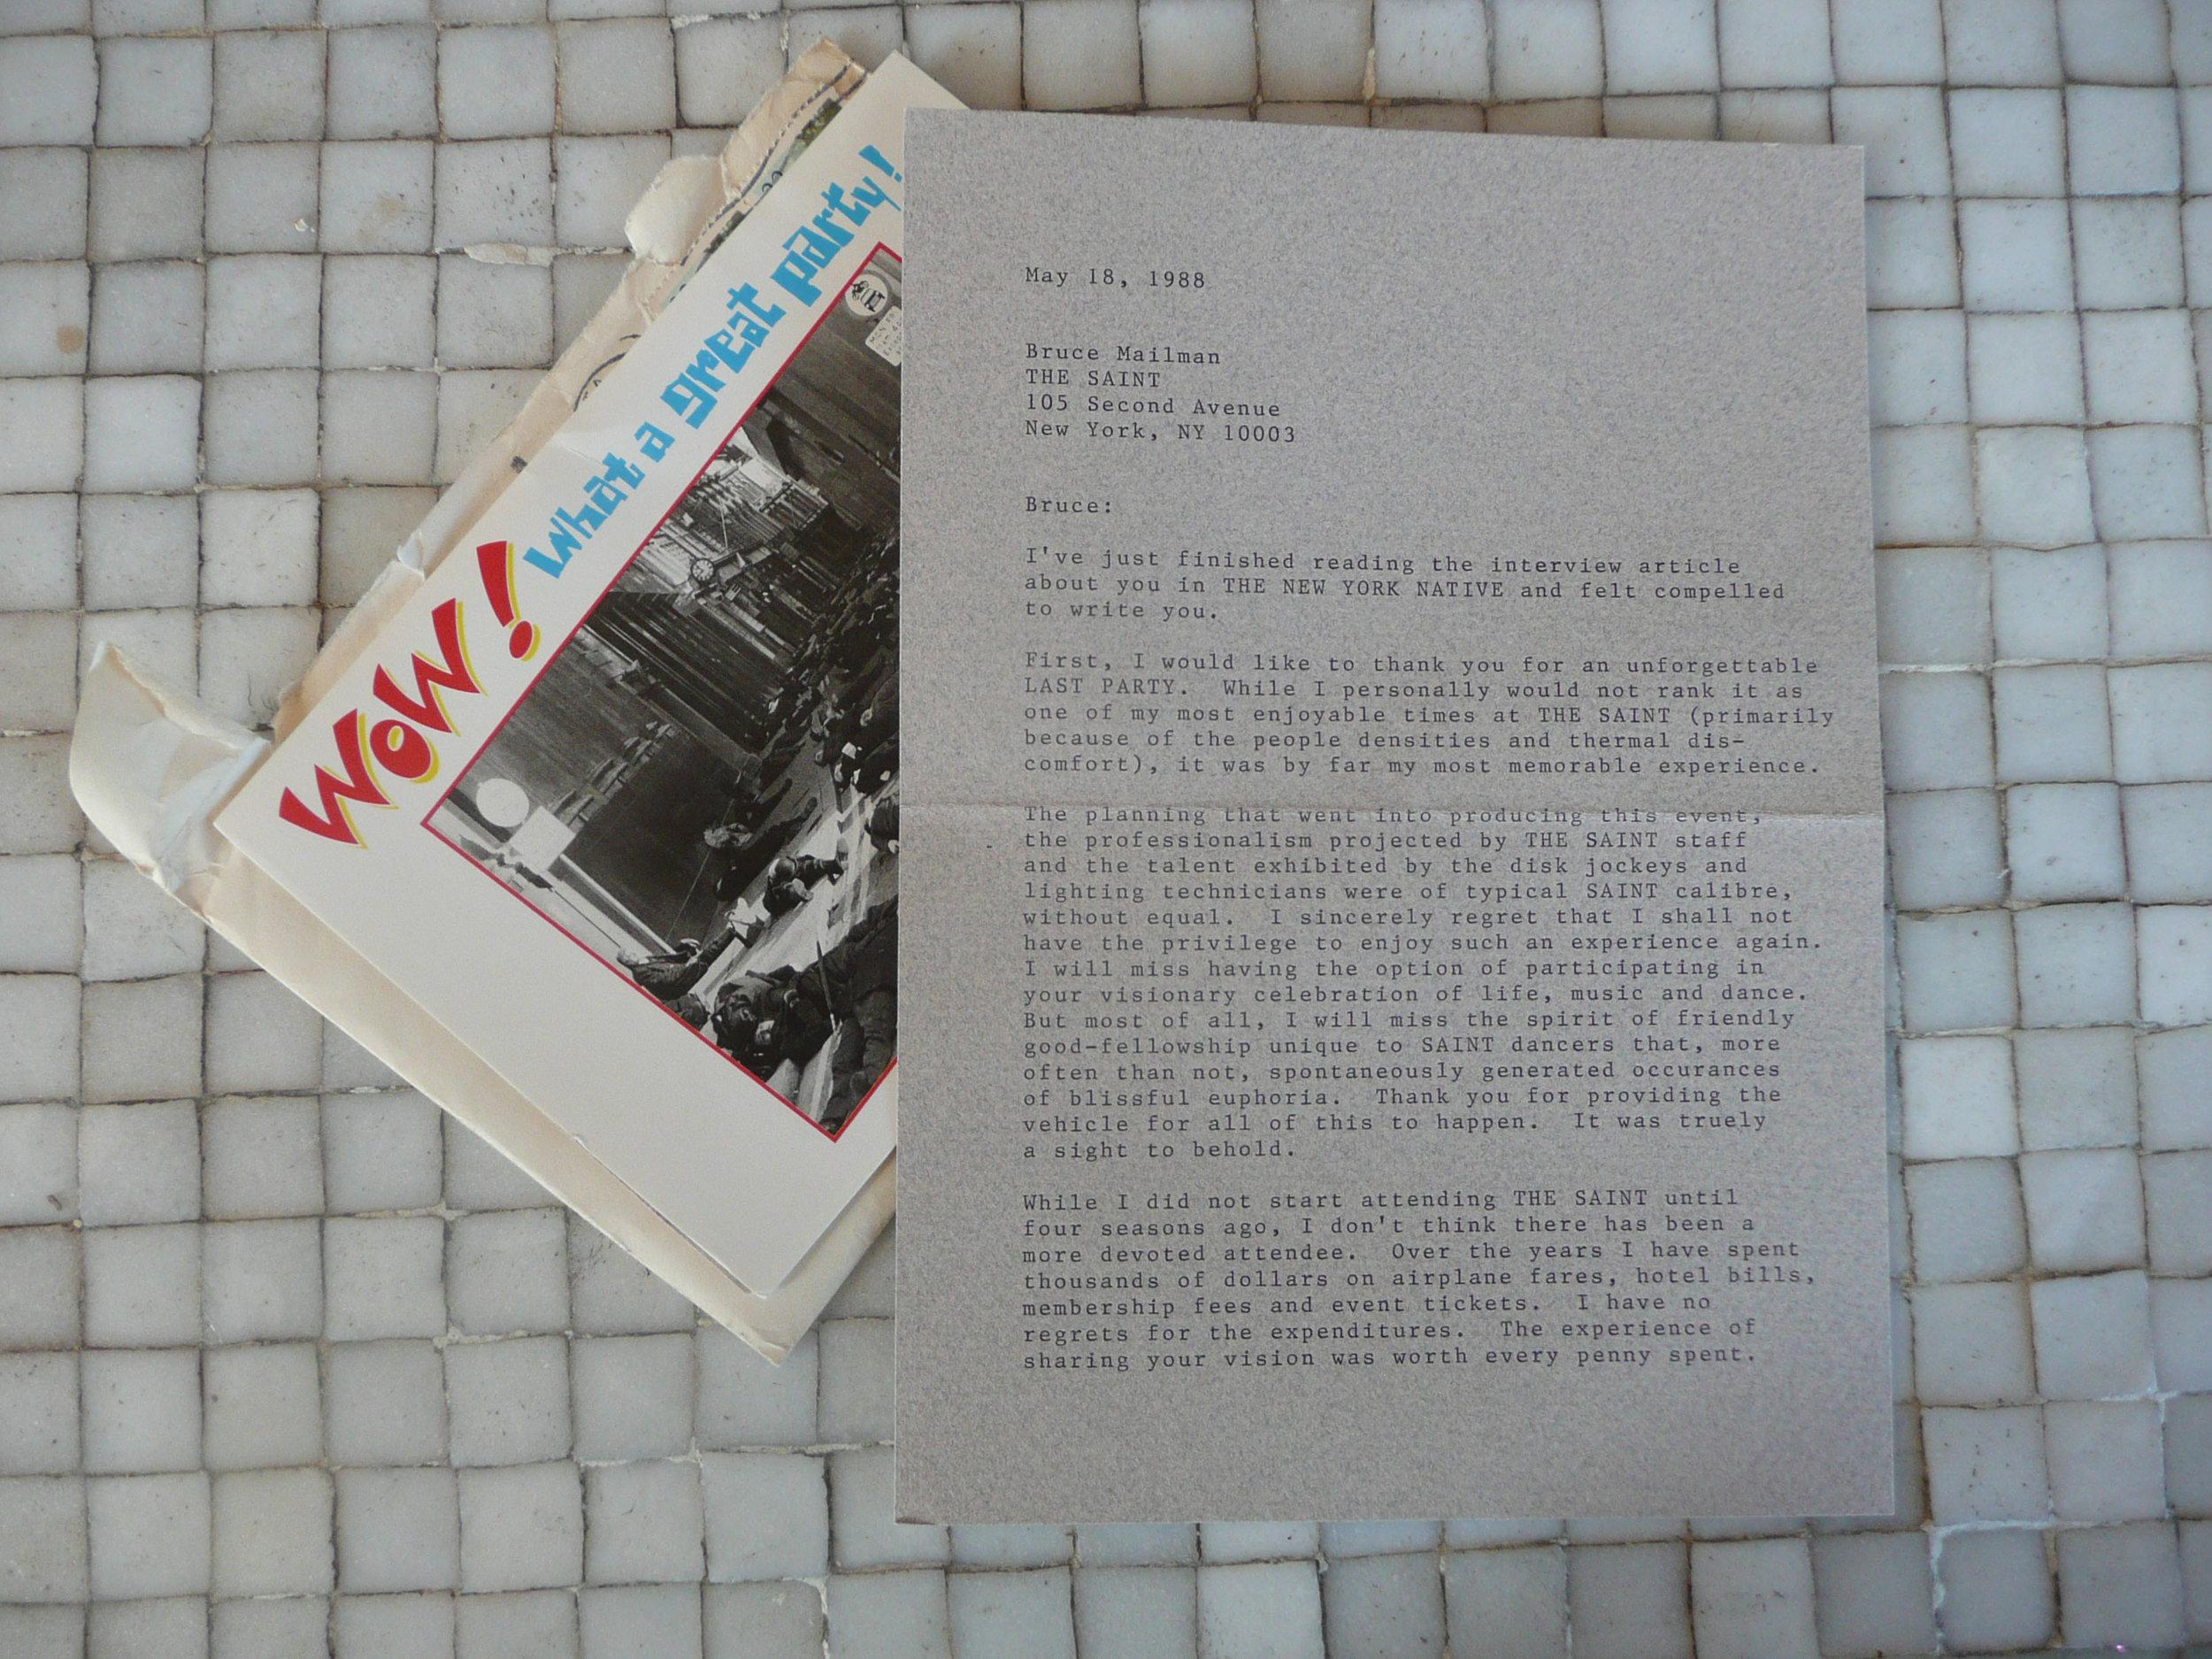 letter-5_15084834770_o.jpg